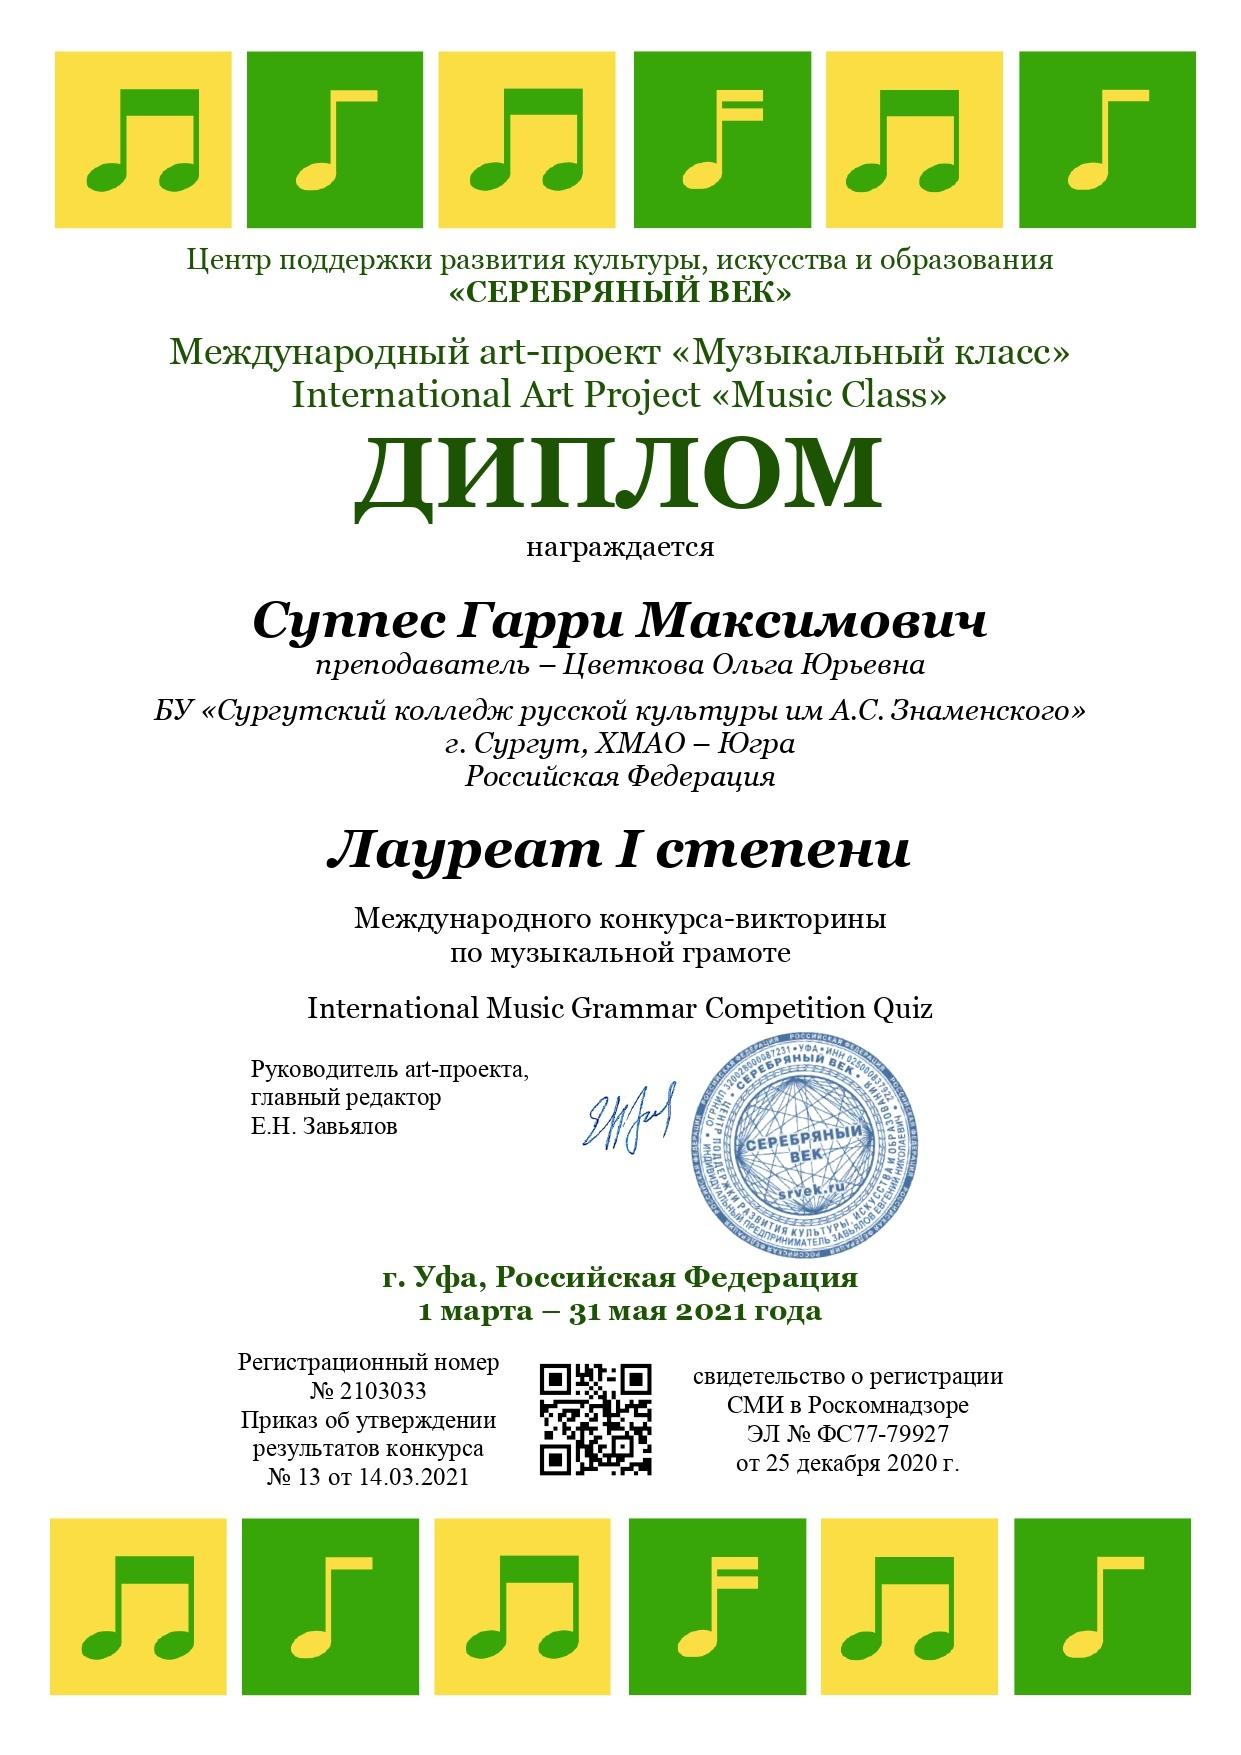 JMnFMnxa_o4